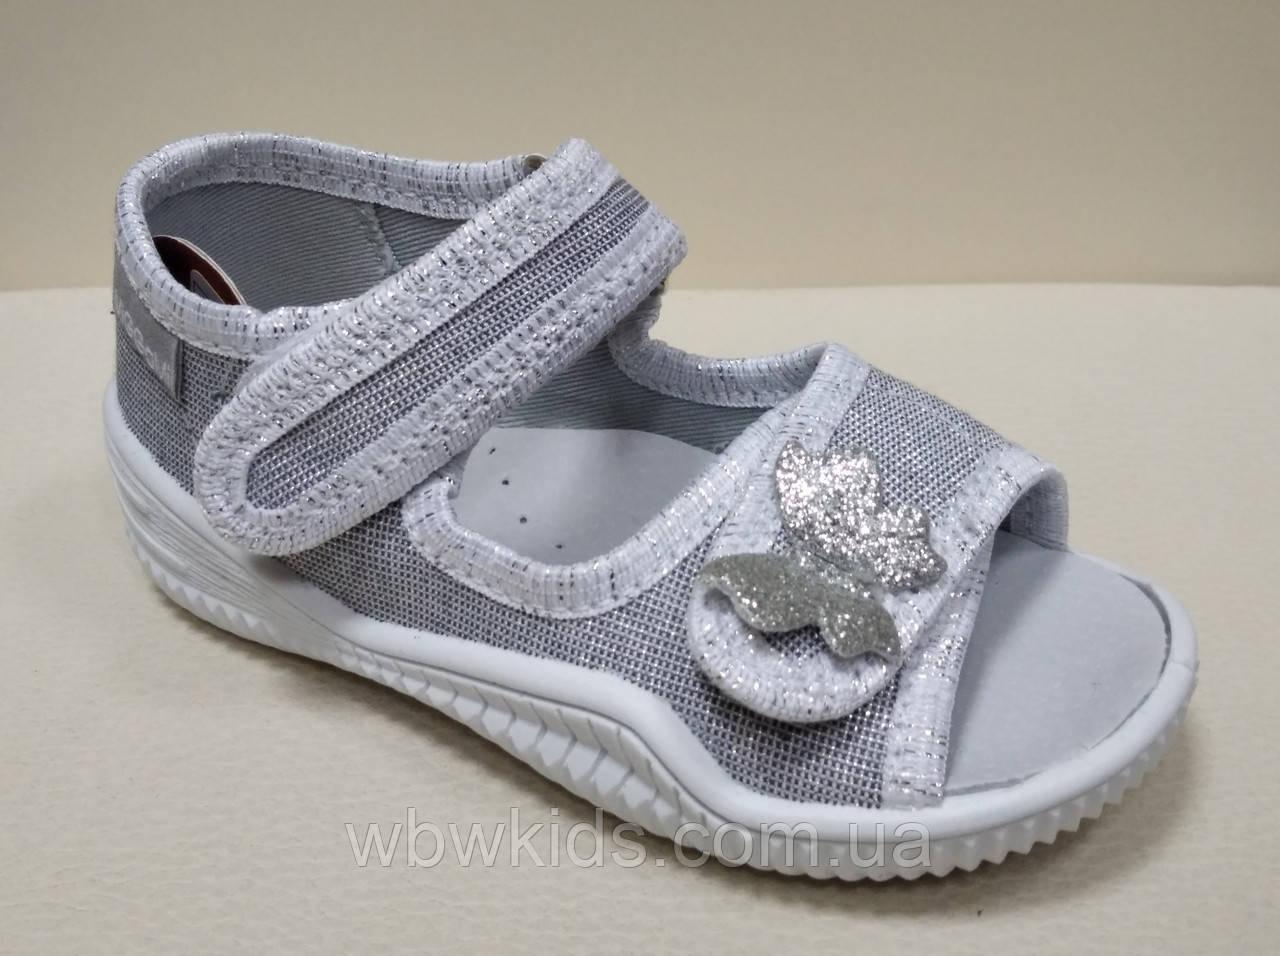 Тапочки Viggami Ania lux silver срібні для дівчаток